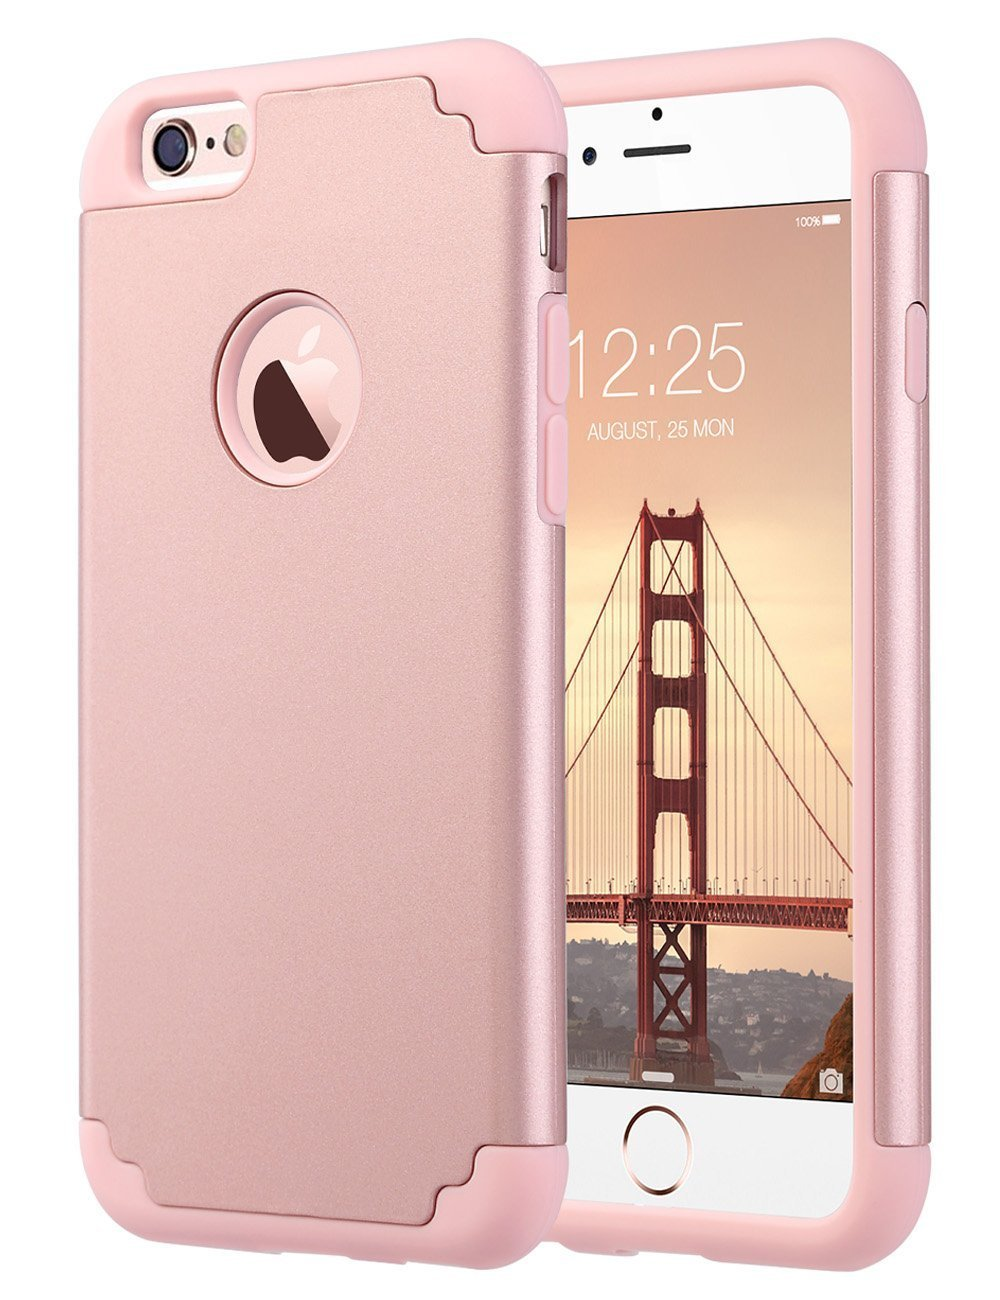 uk iphone 6 case